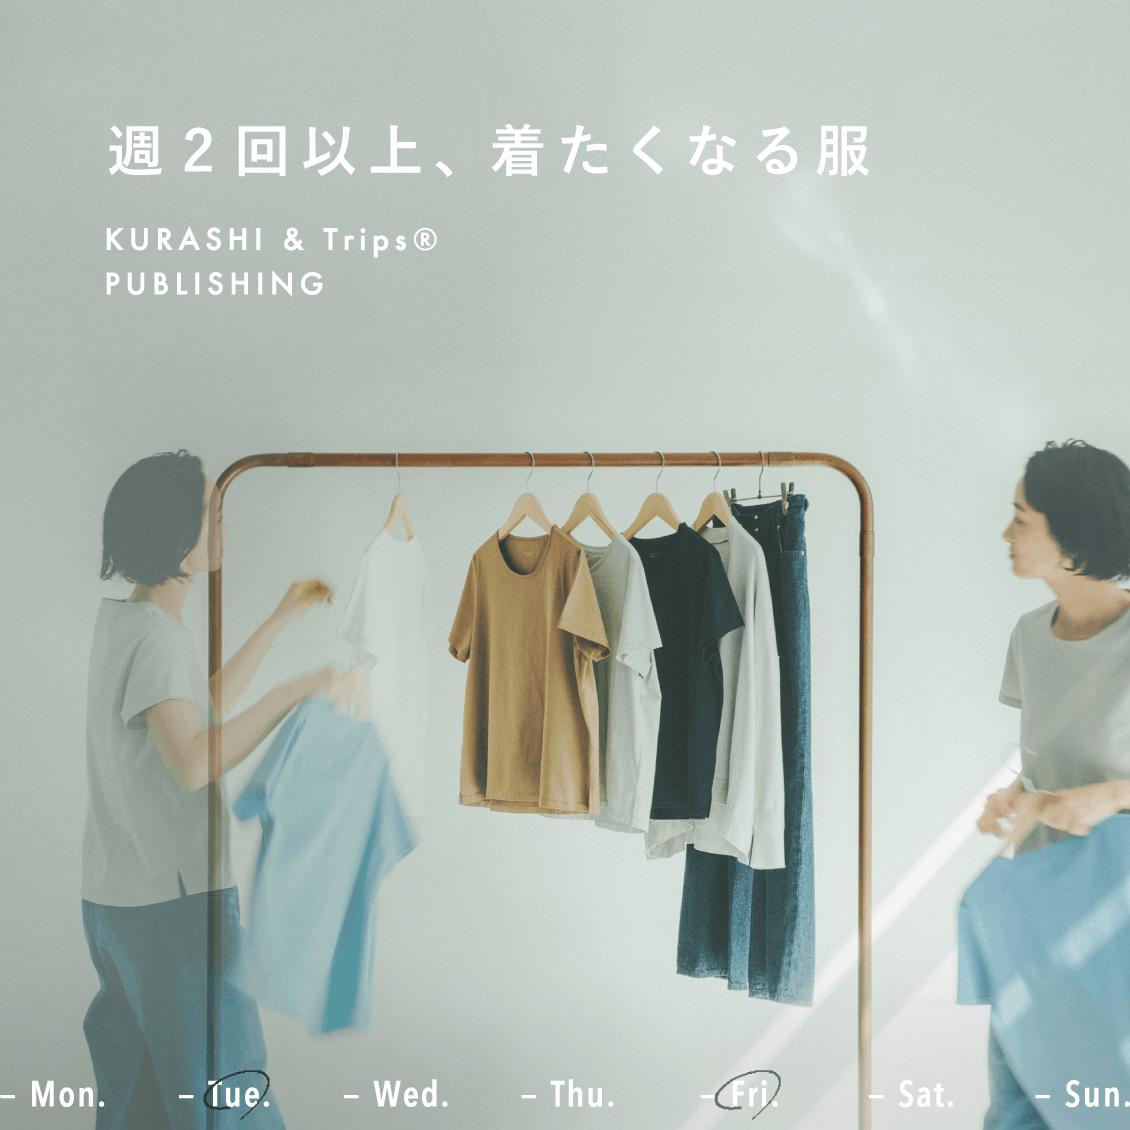 【新企画はじまります】人気の当店オリジナルTシャツやデニムなどを一同にご紹介する「週2回以上、着たくなる服」が本日より発売です!